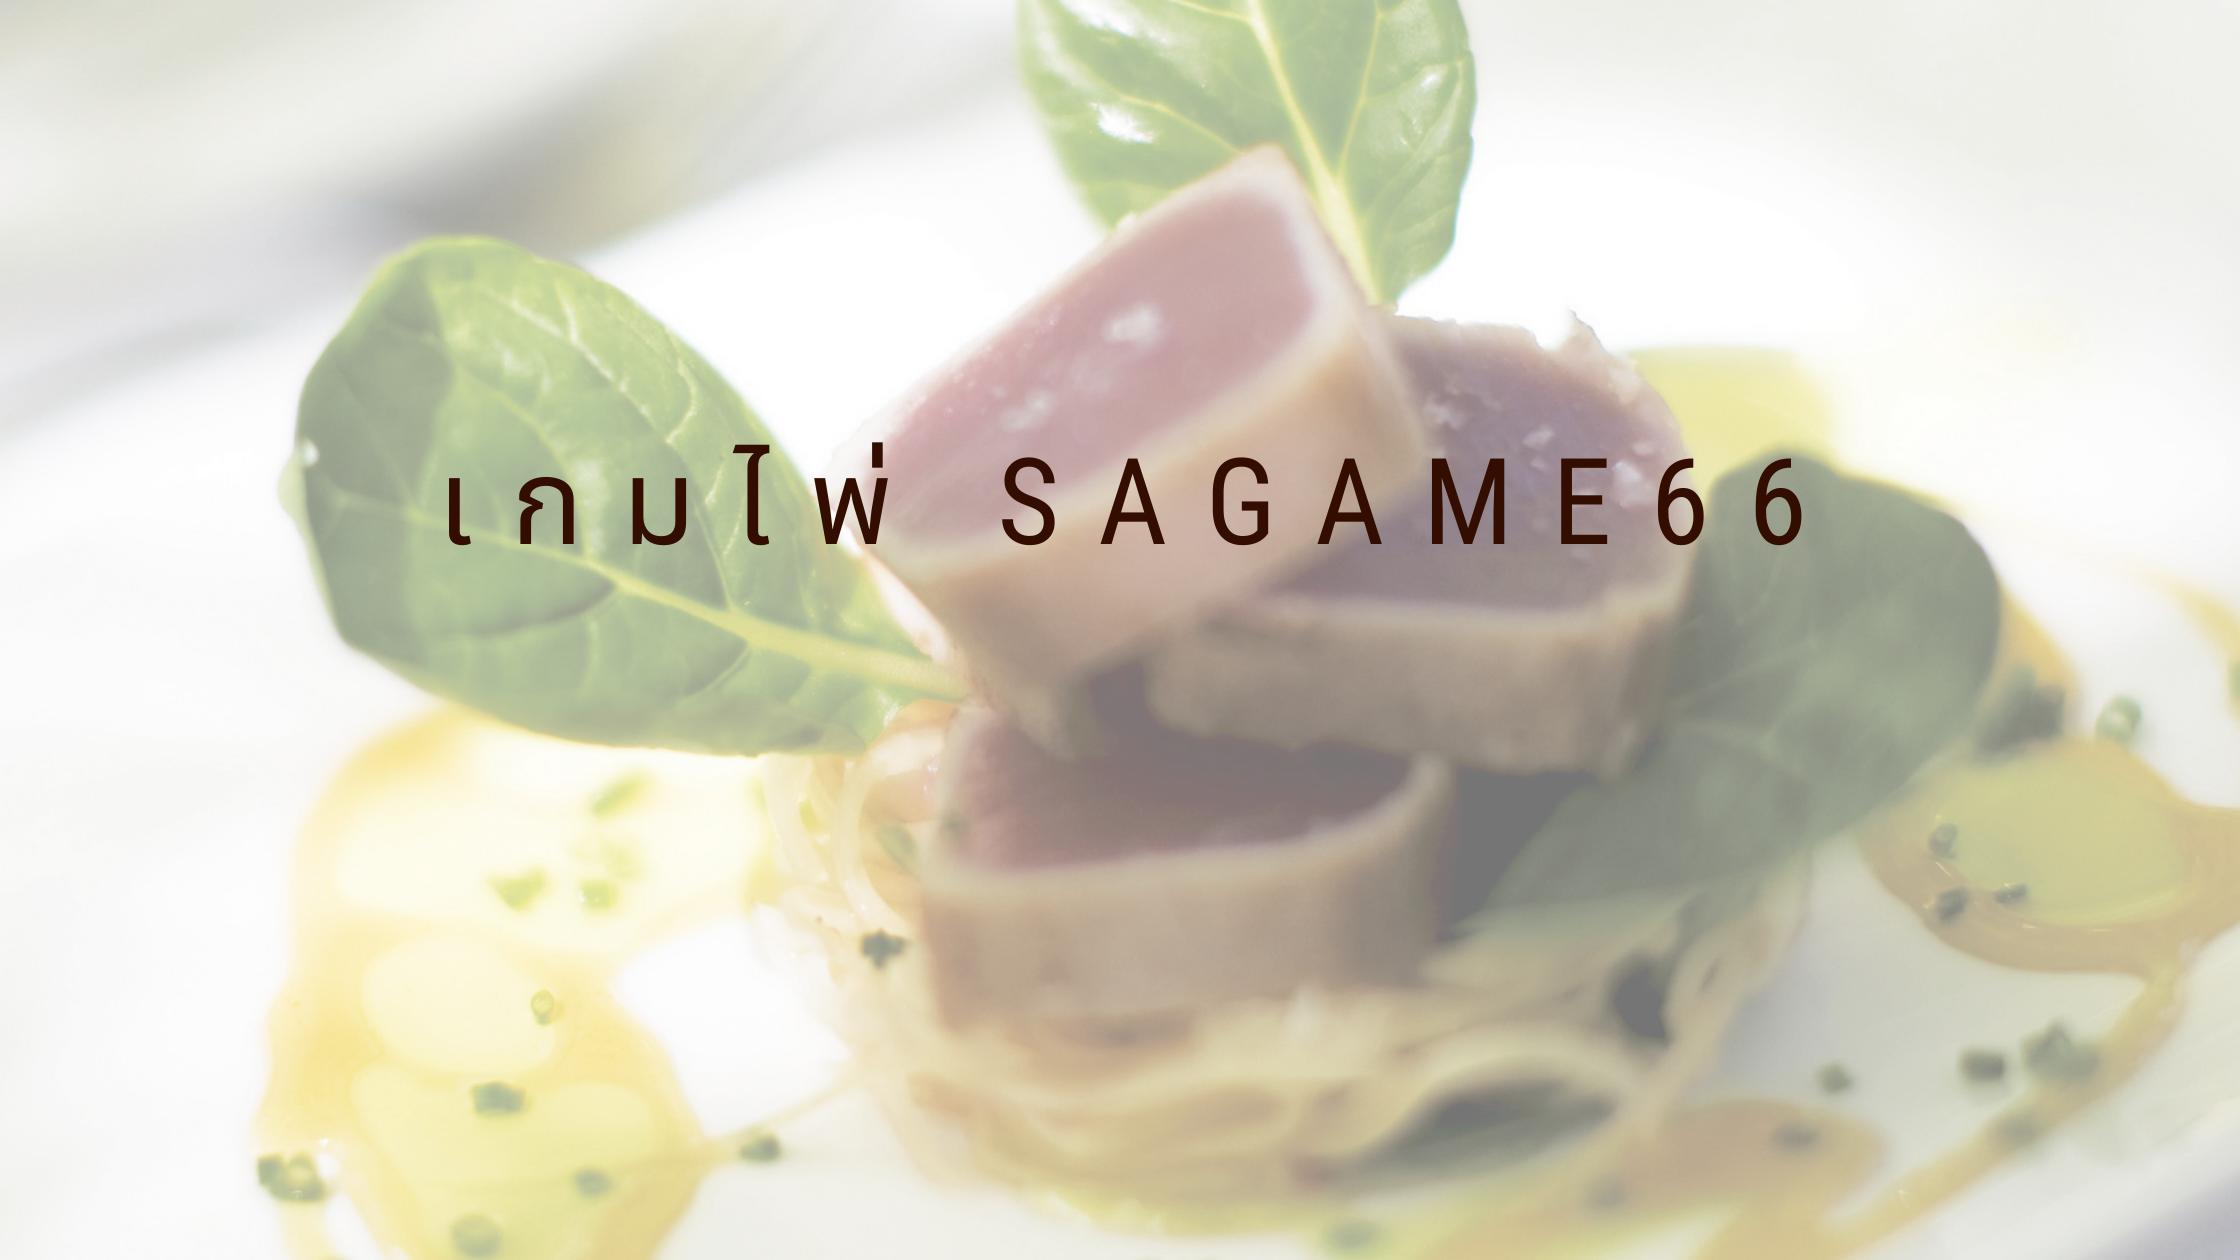 เกมไพ่ sagame66